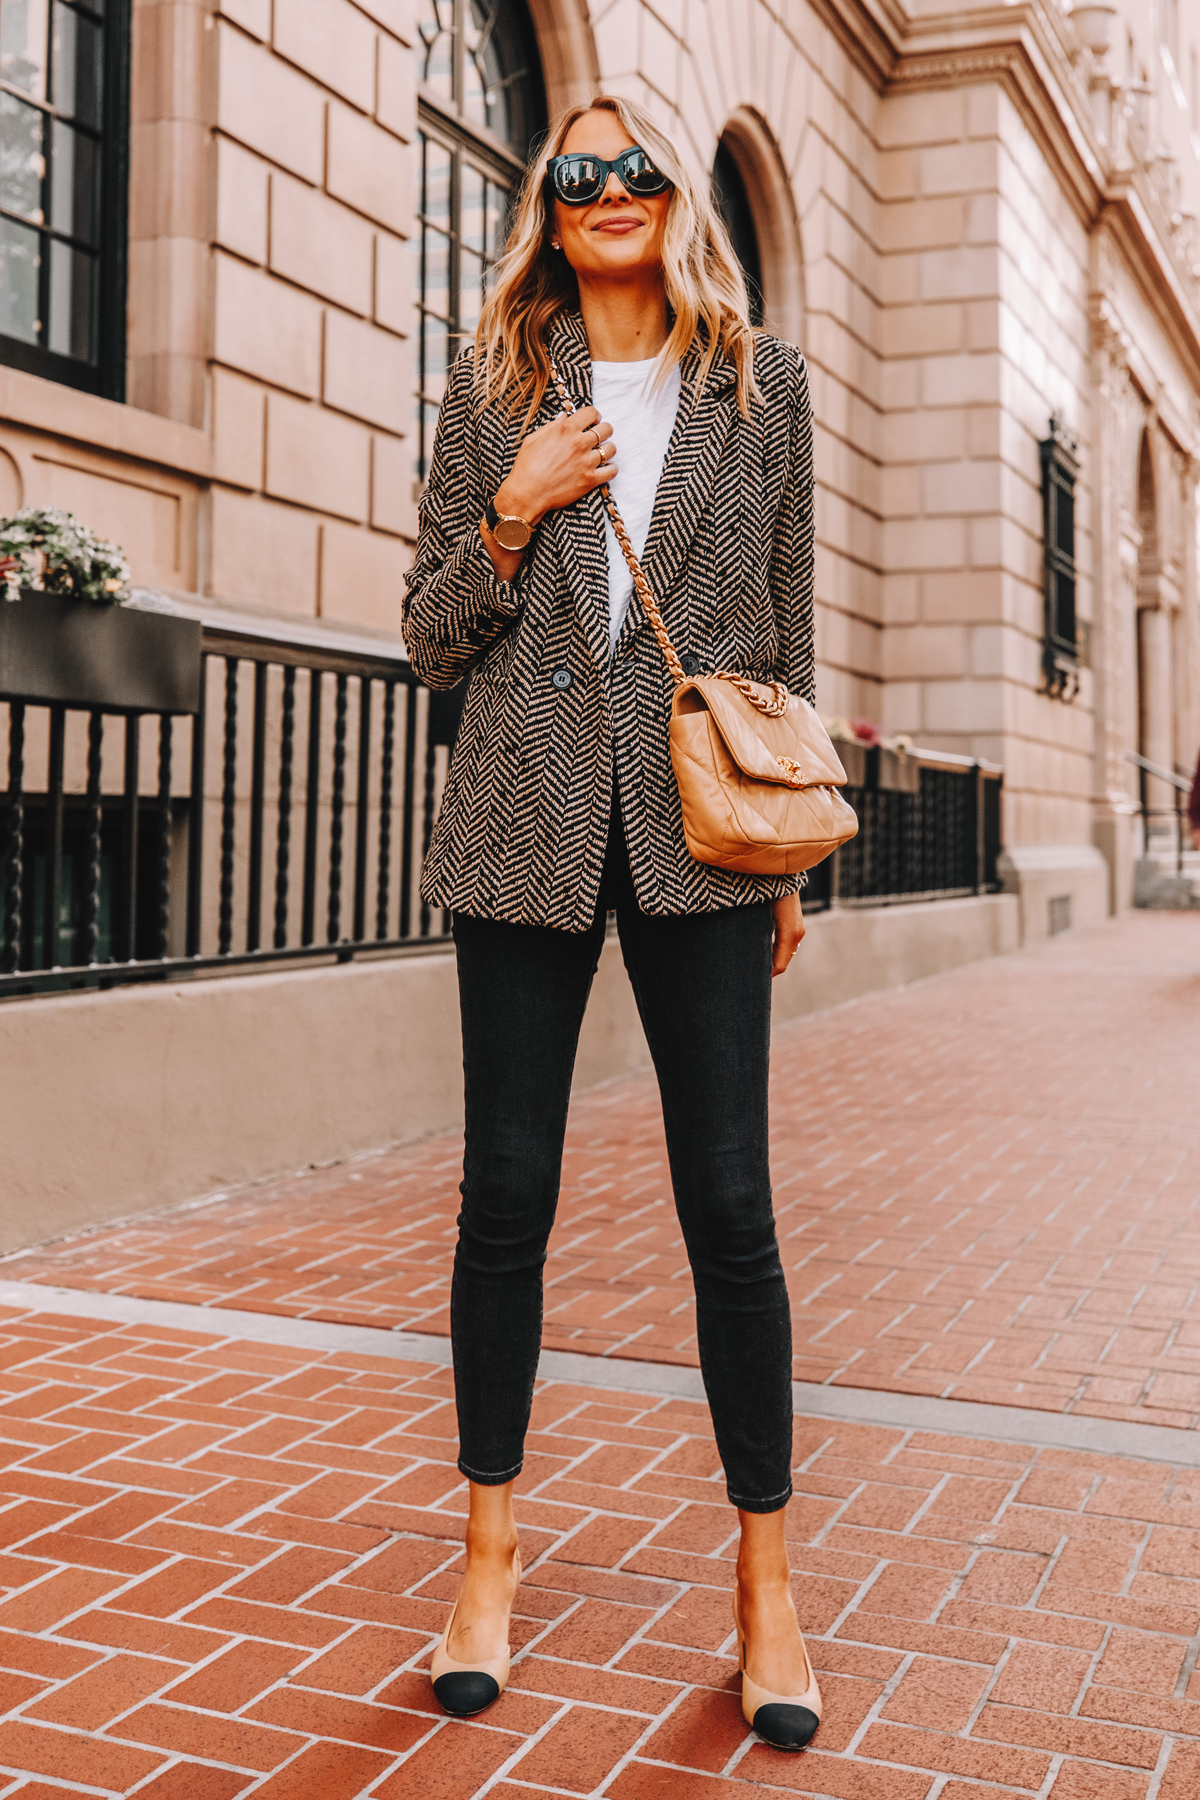 Fashion Jackson Wearing Anine Bing Black Herringbone Blazer White TShirt Black Jeans Chanel Slingbacks Chanel 19 Beige Handbag